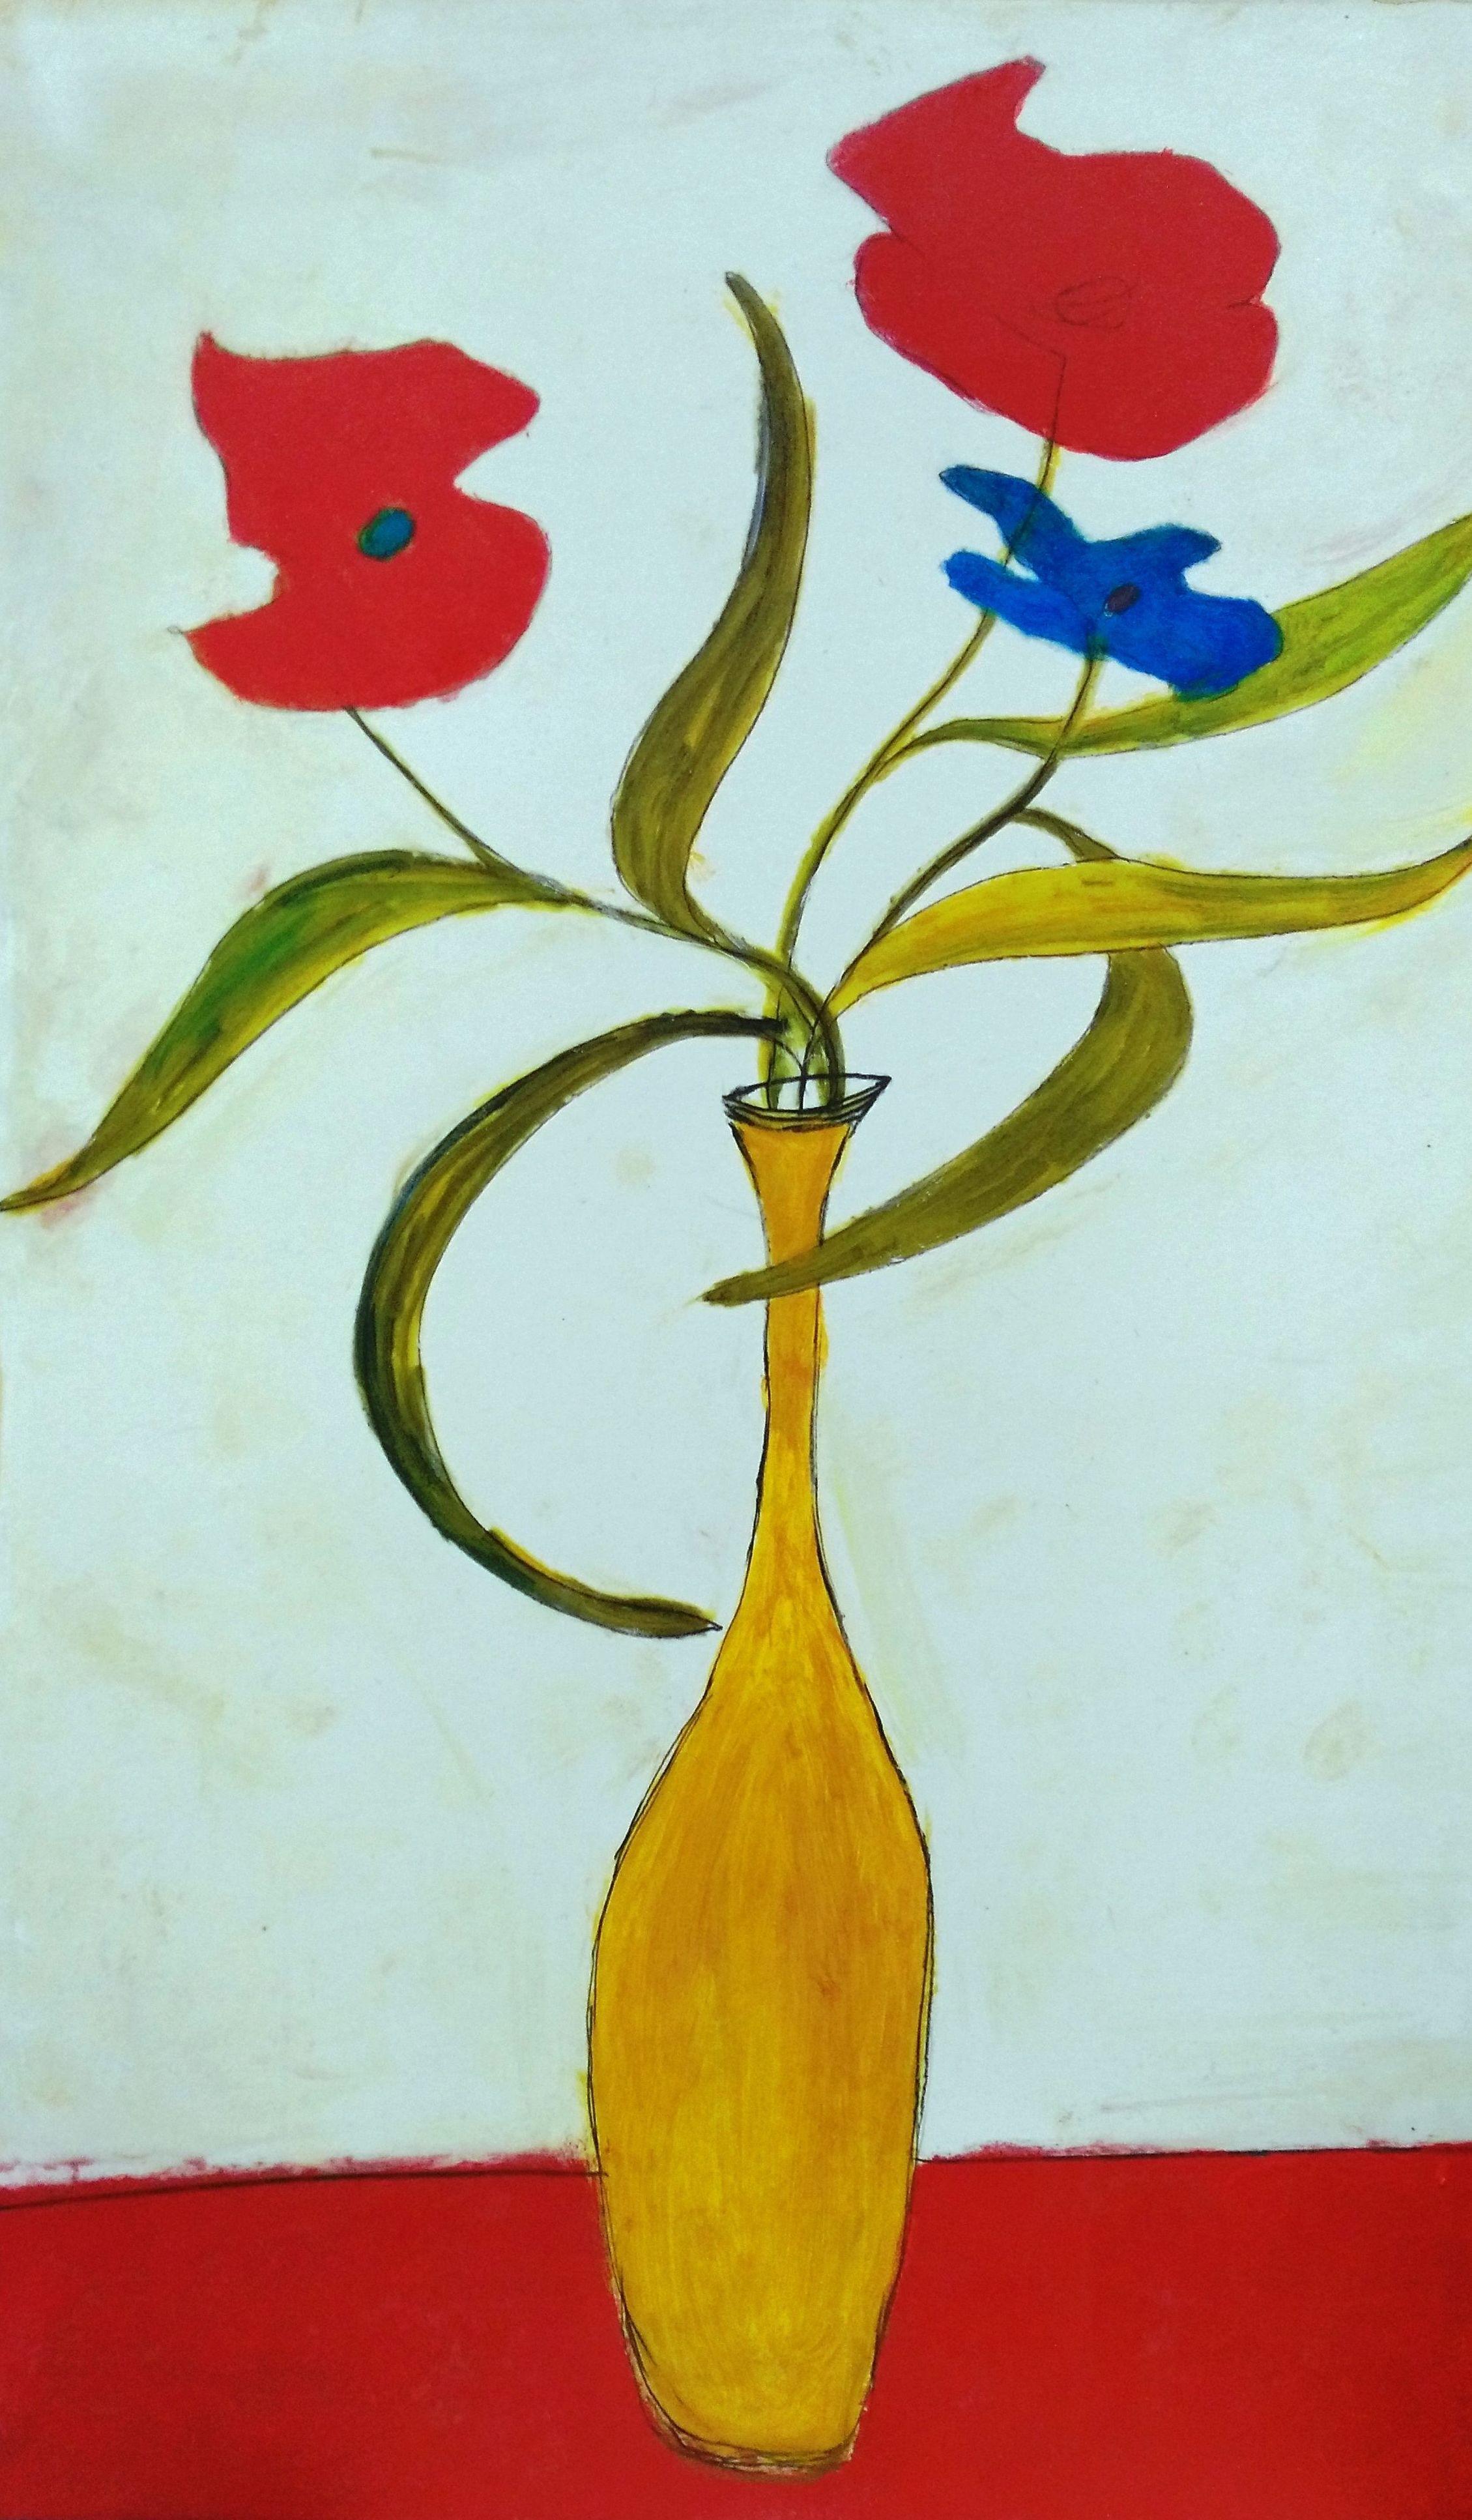 Búcaro flores rojas: CATALOGO de Quadrocomio La Casa de los Cuadros desde 1968